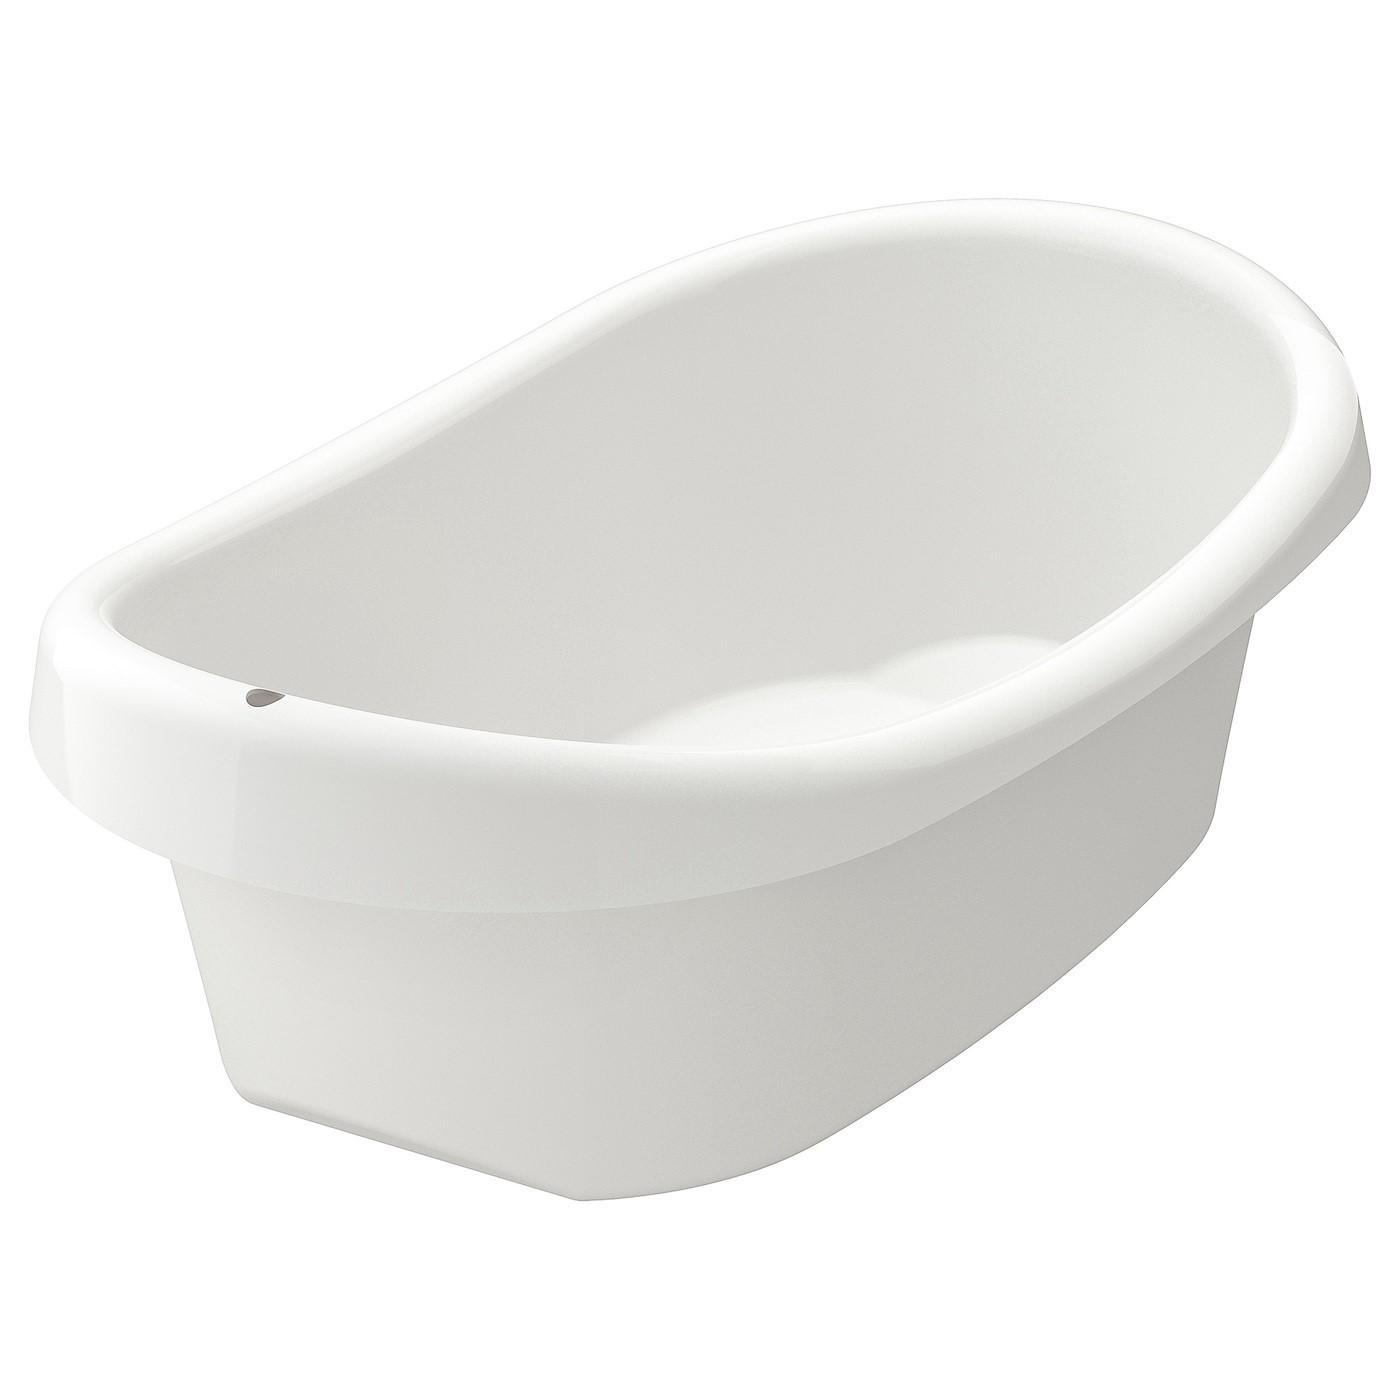 IKEA LÄTTSAM ванночка детская белый/зеленый 43x24 см 402.484.43